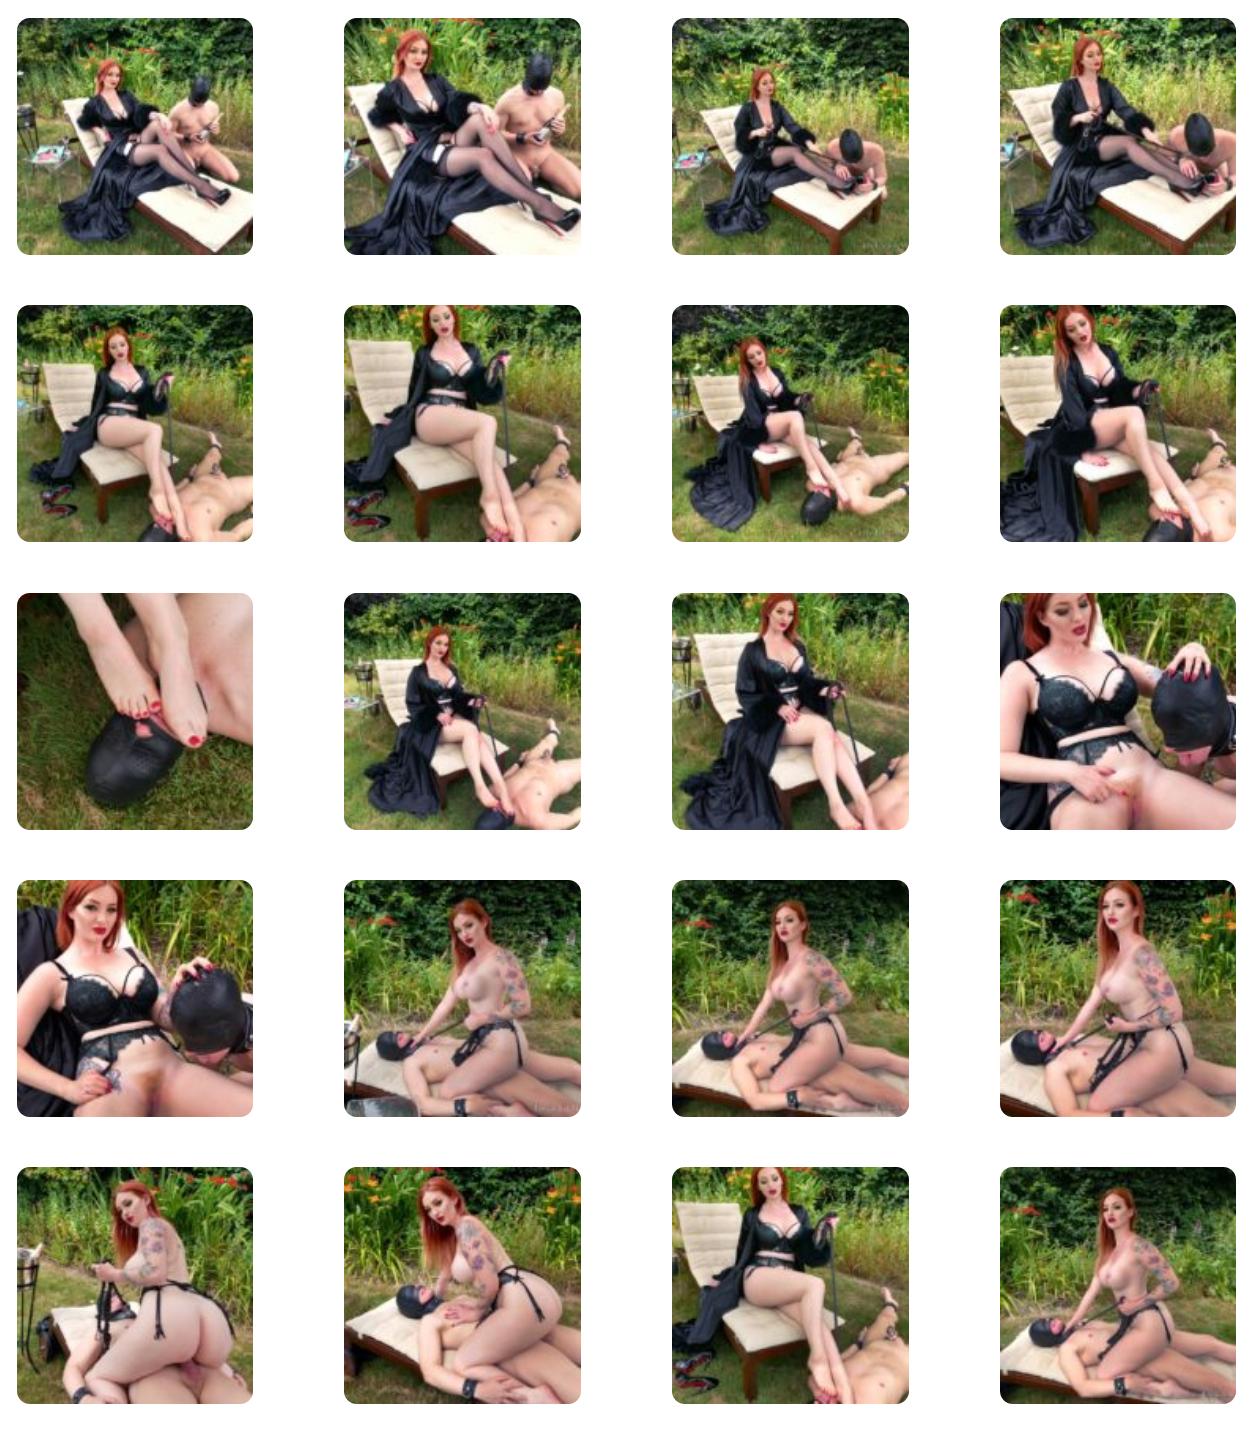 Fem Dom Garden Sex Servitude with Zara Du Rose